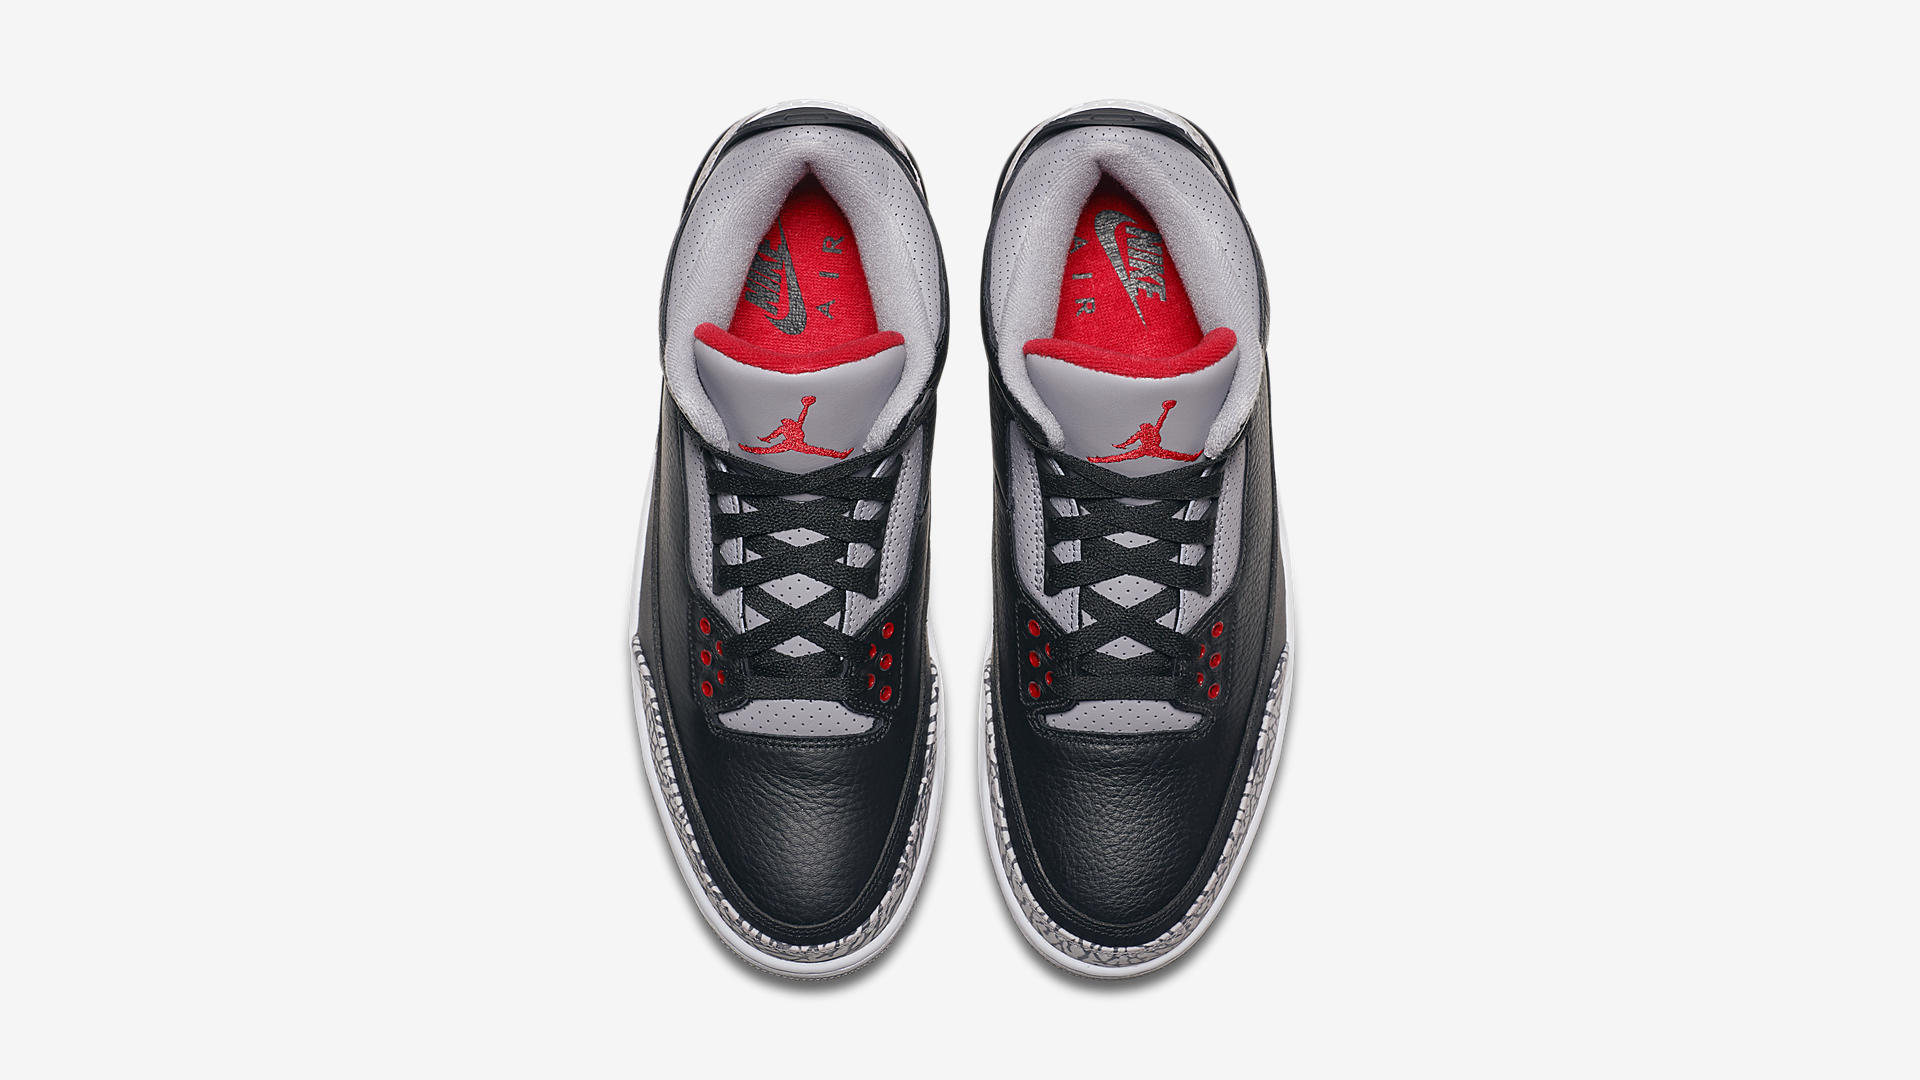 854262 001 Air Jordan 3 Black Cement 2